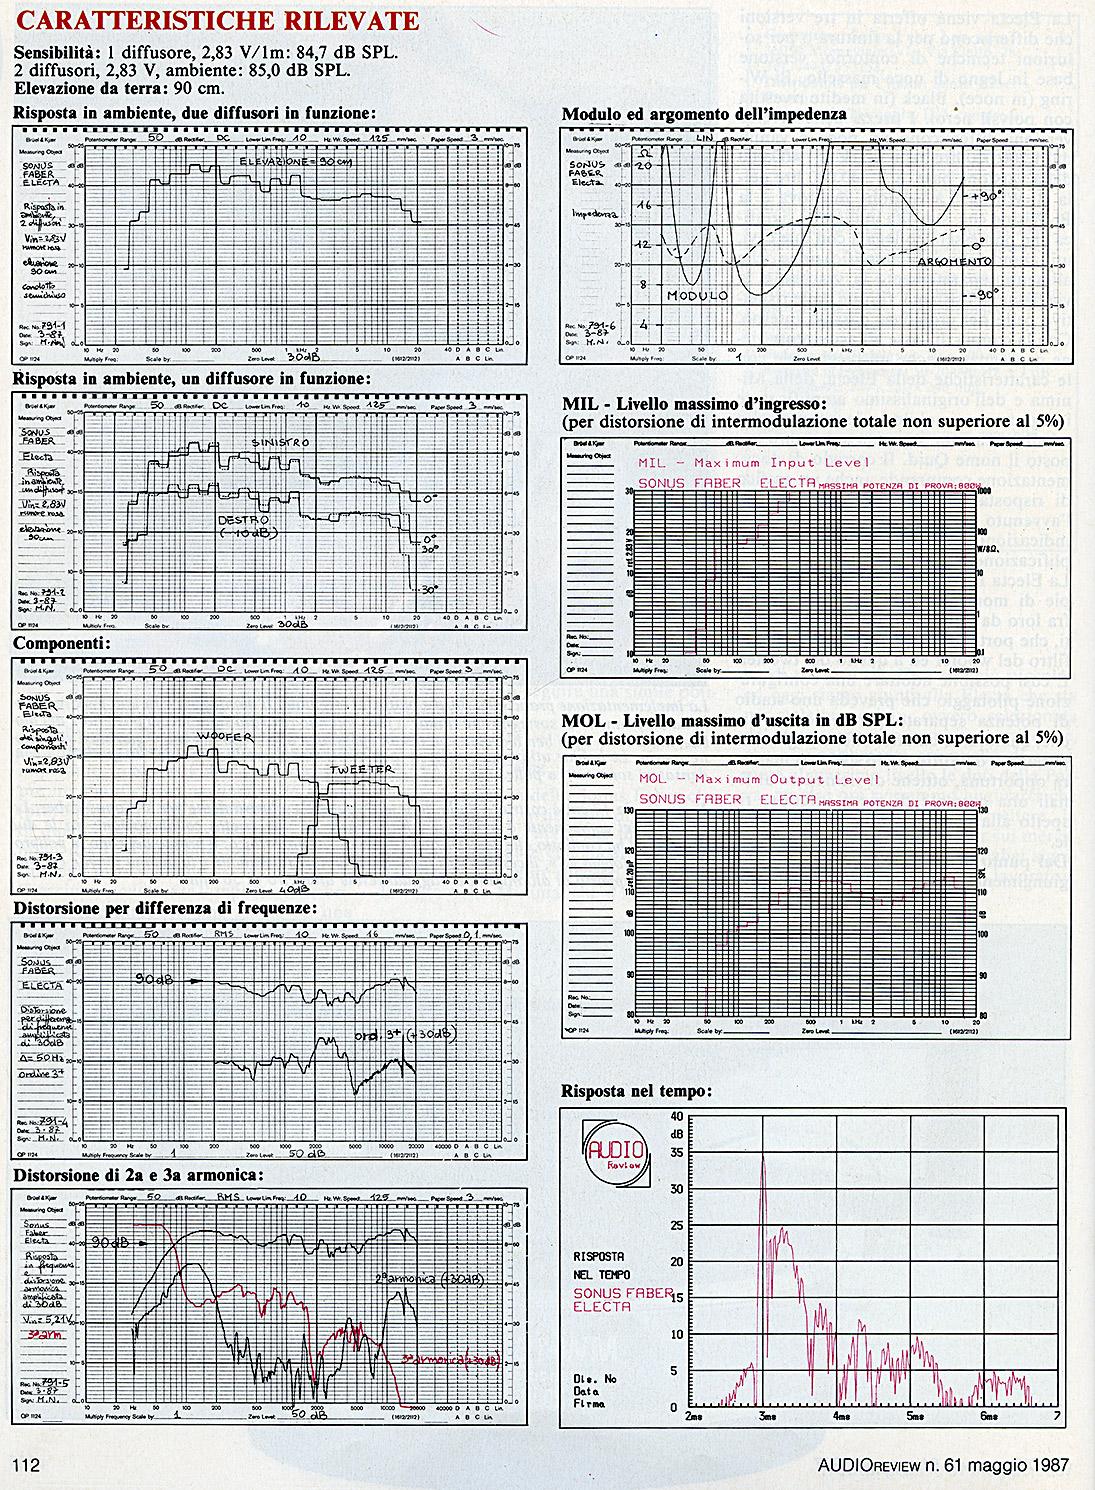 Le misure della Sonus Faber Electa Bi-Wiring